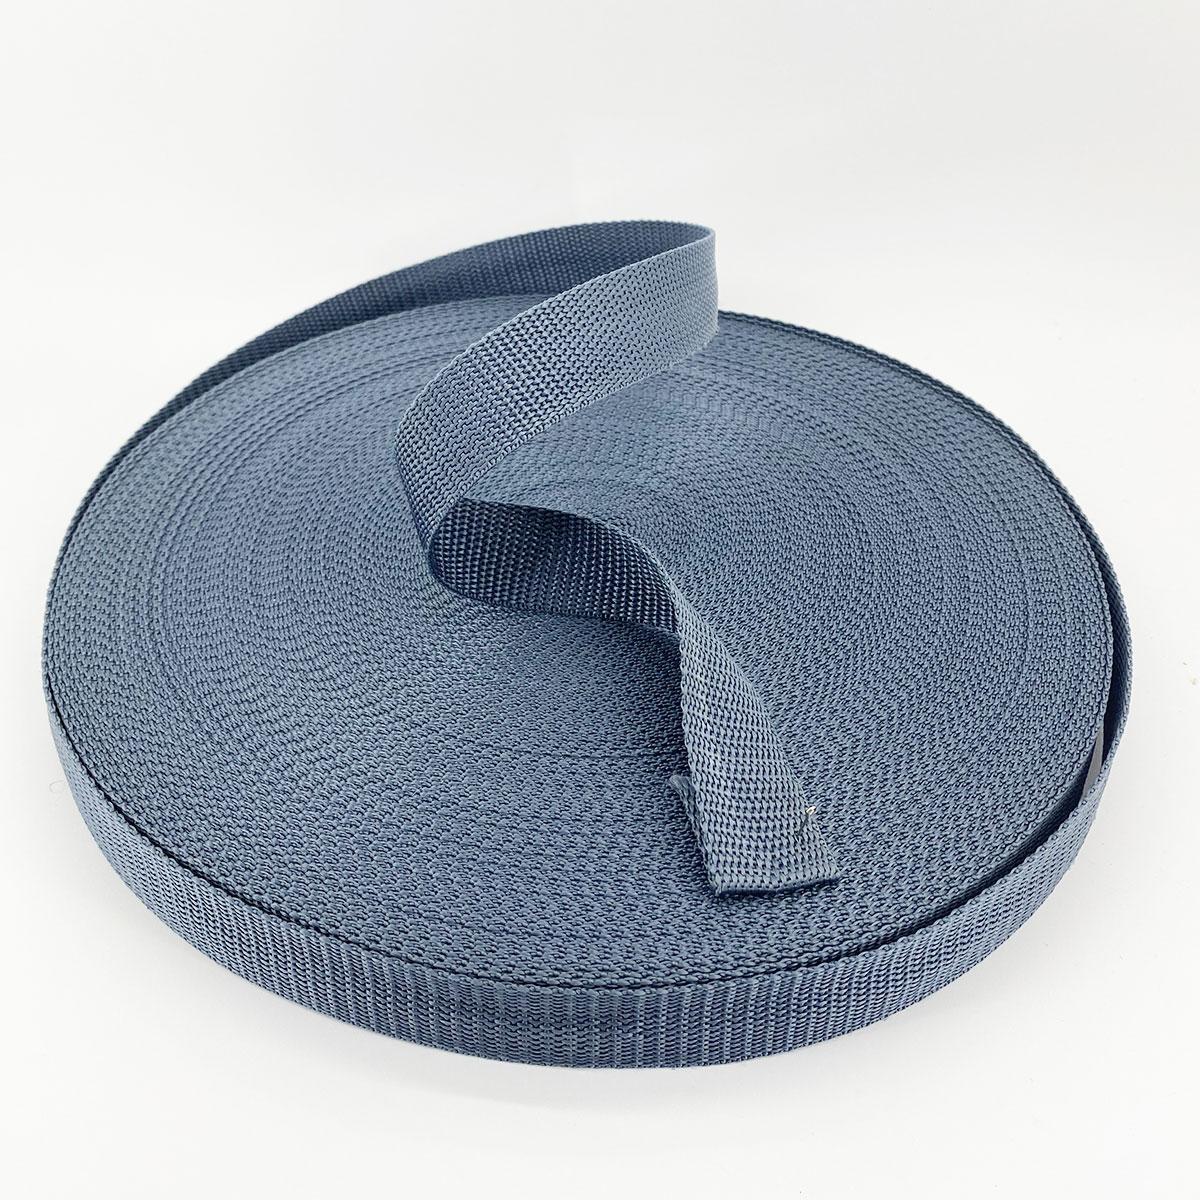 Лента, тесьма для сумок, рюкзаков 25 мм 50 м стропа ременная полипропиленовая (серая)